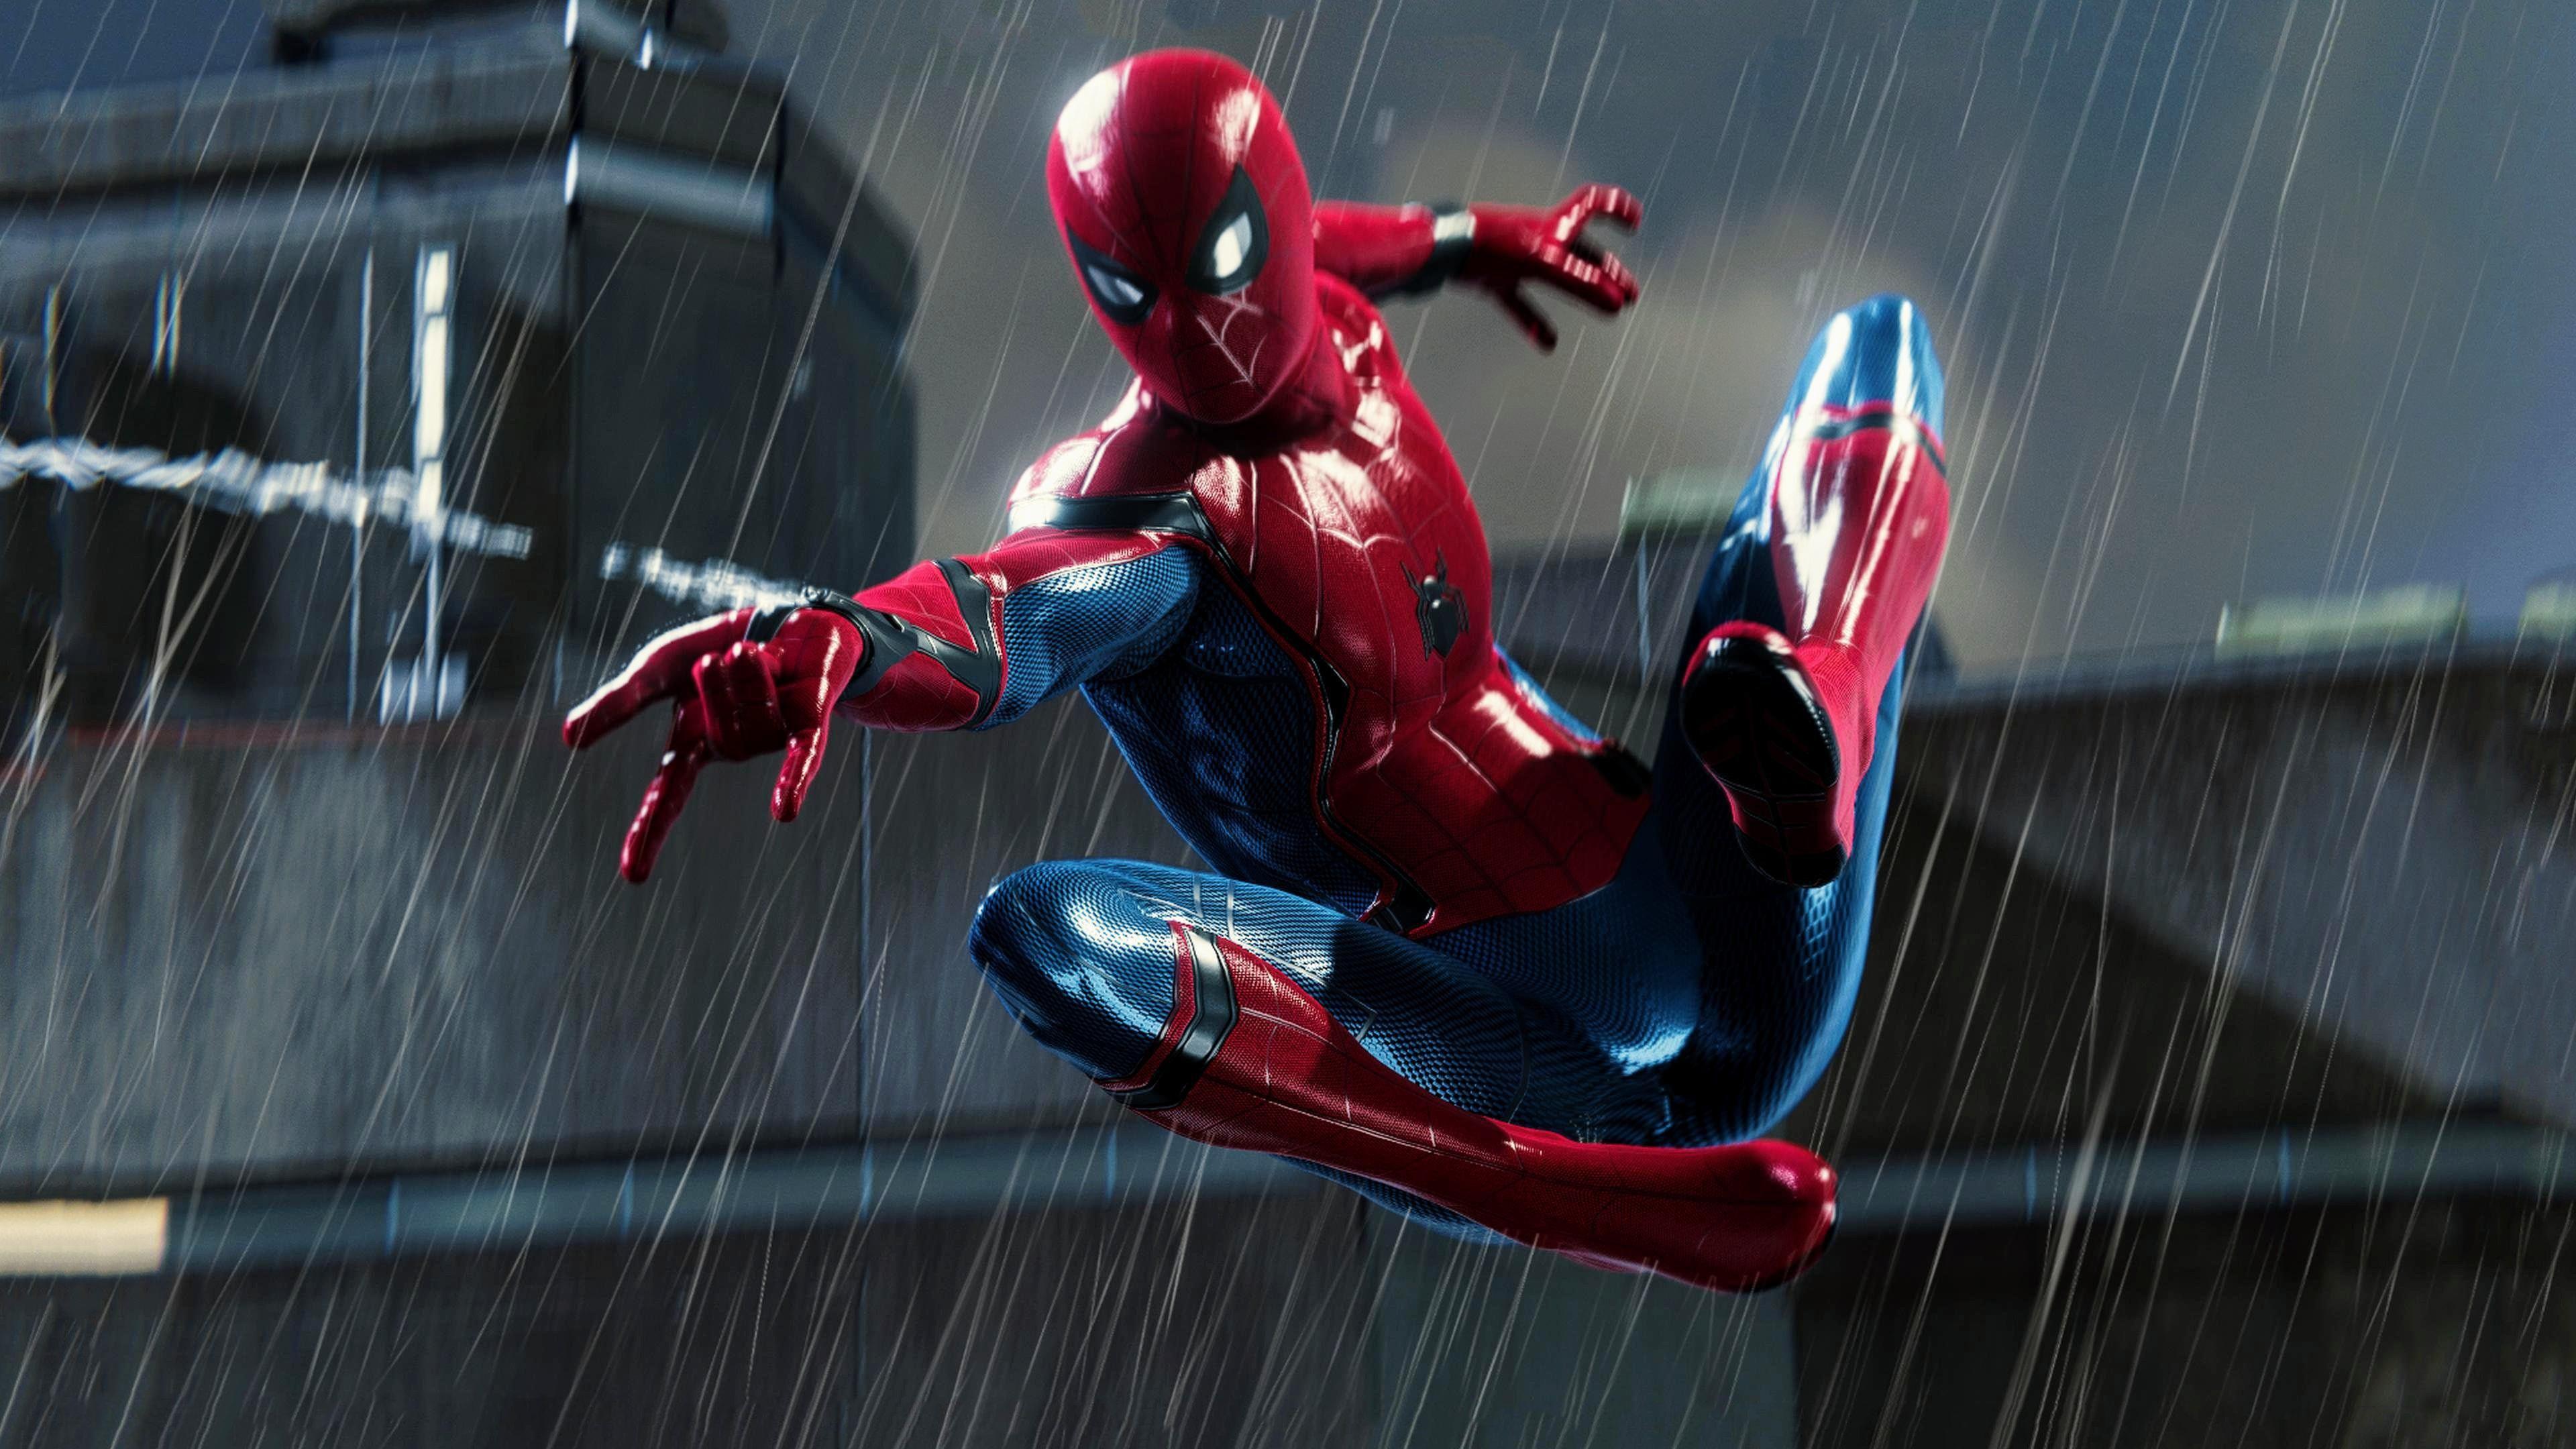 Spiderman 4k 2018 Artwork superheroes wallpapers